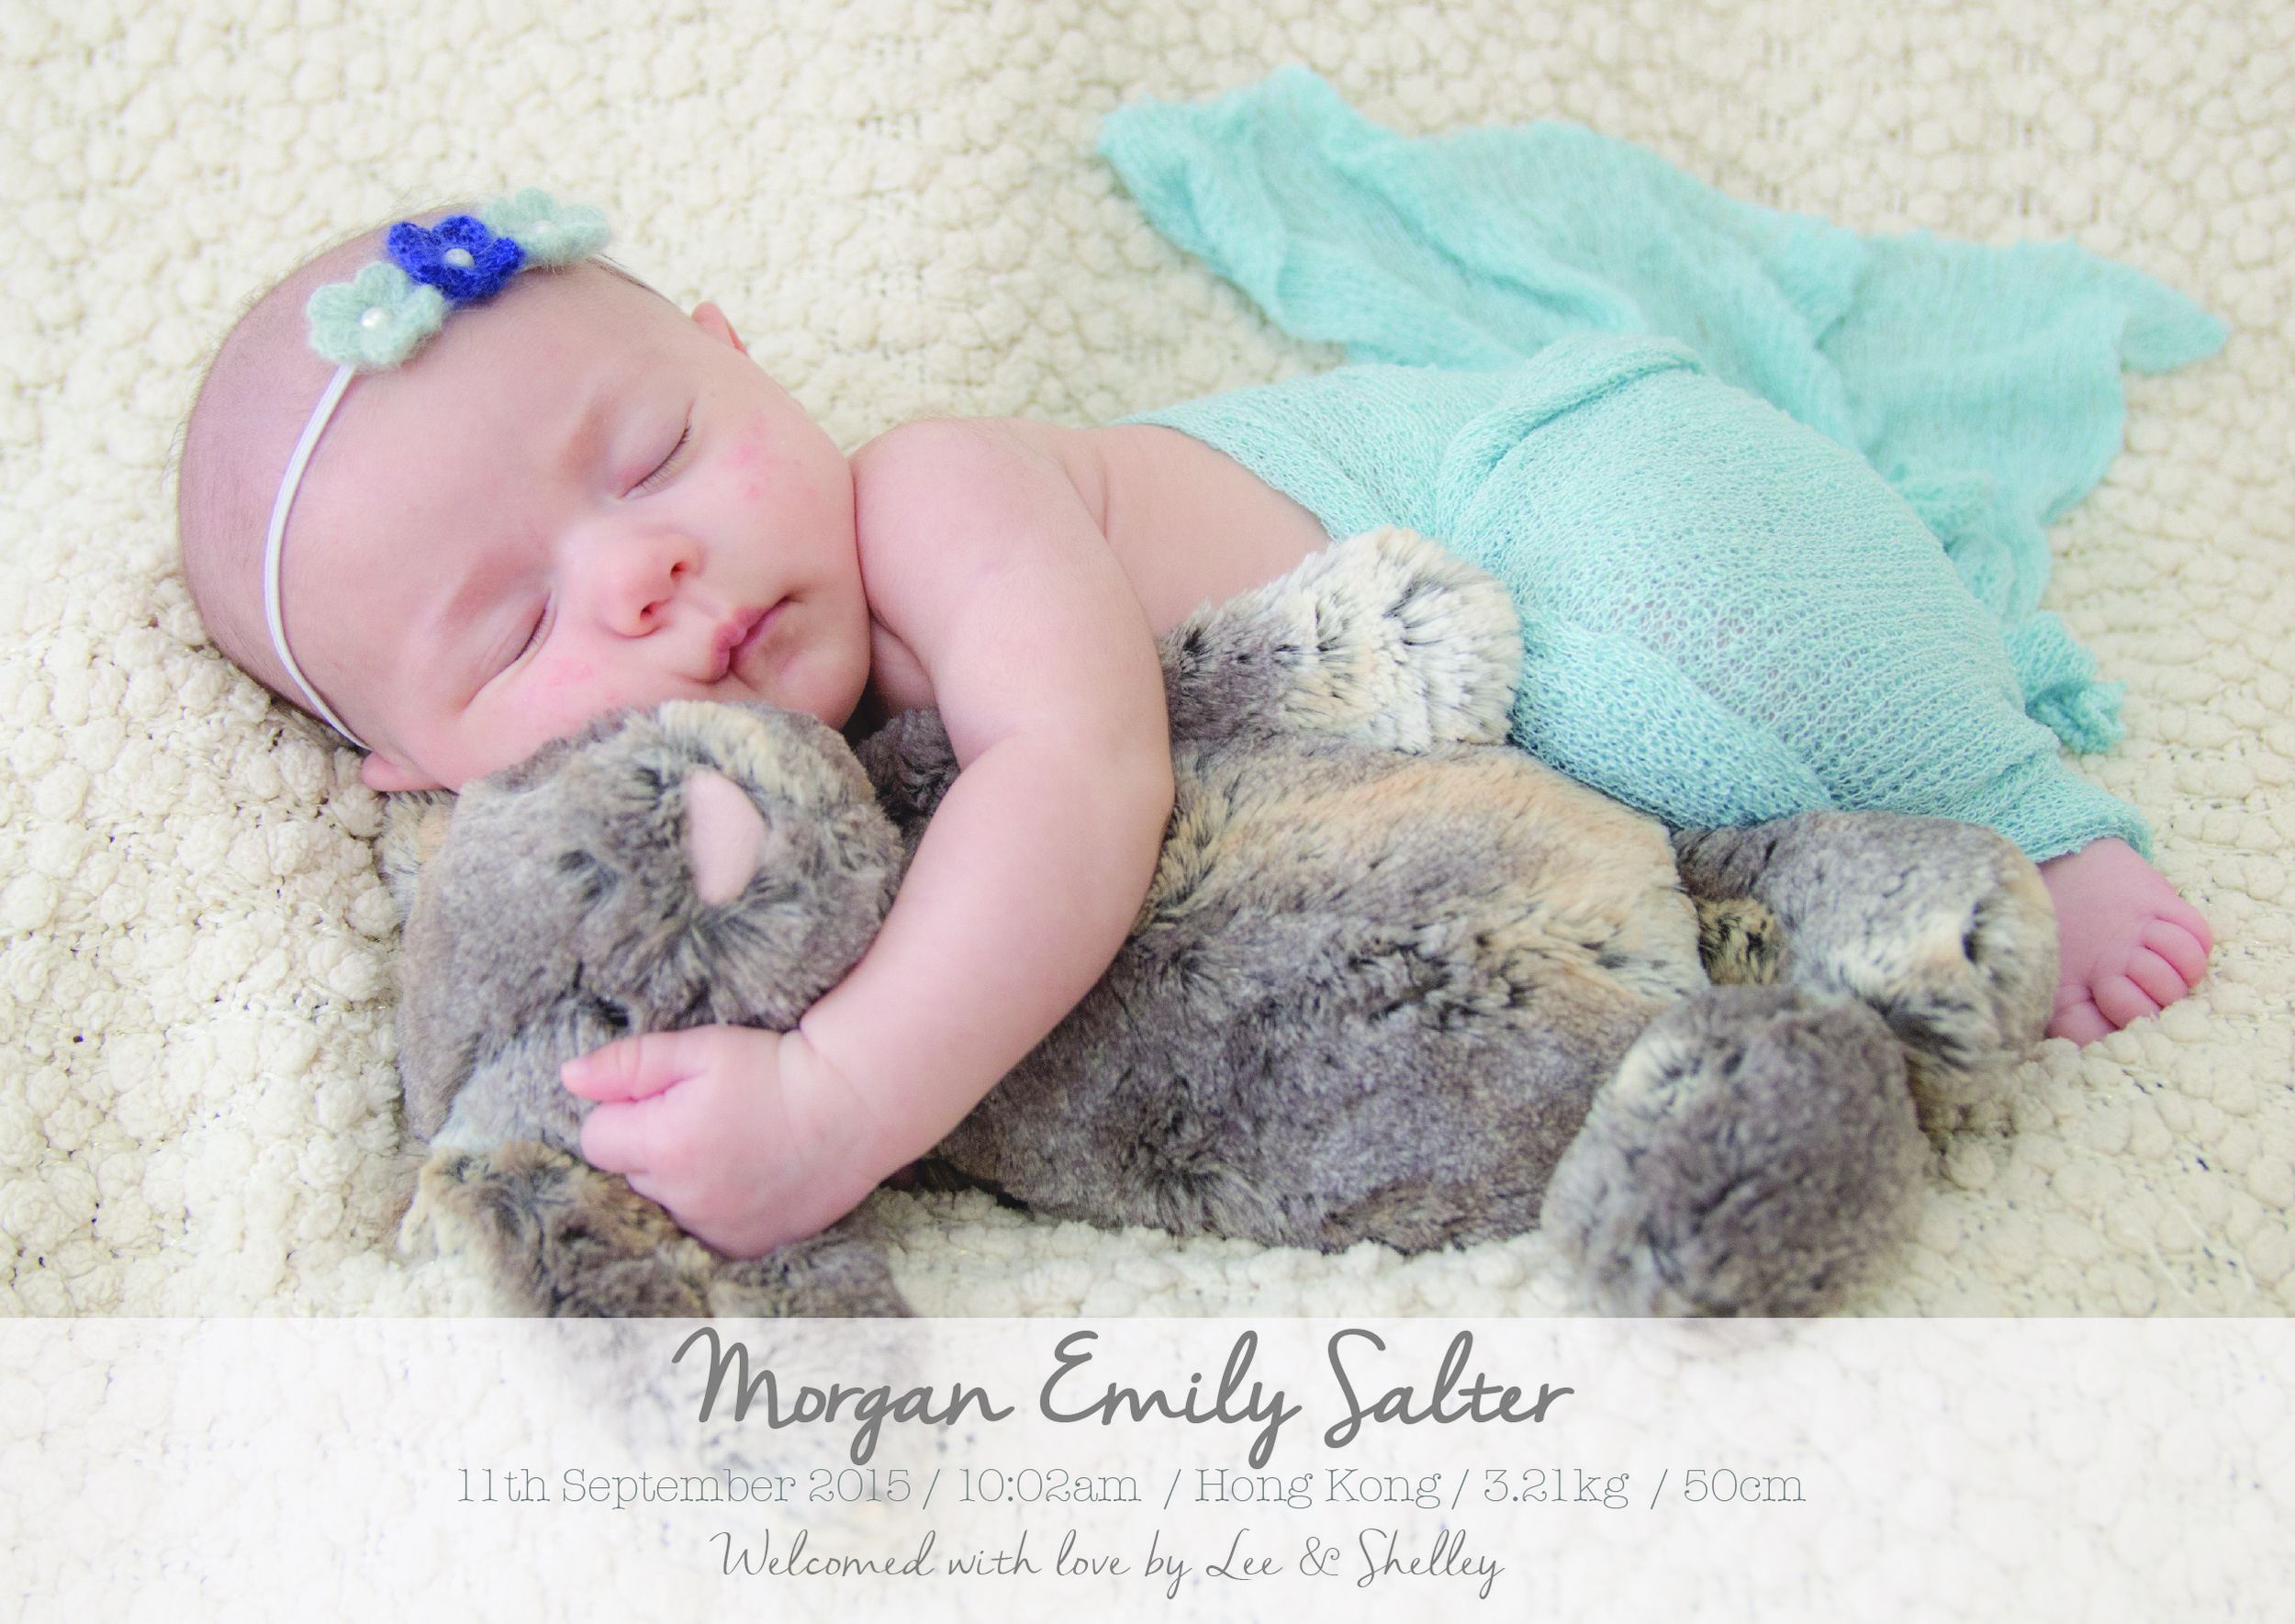 Morgan-Emily-Salter-01-1.jpg